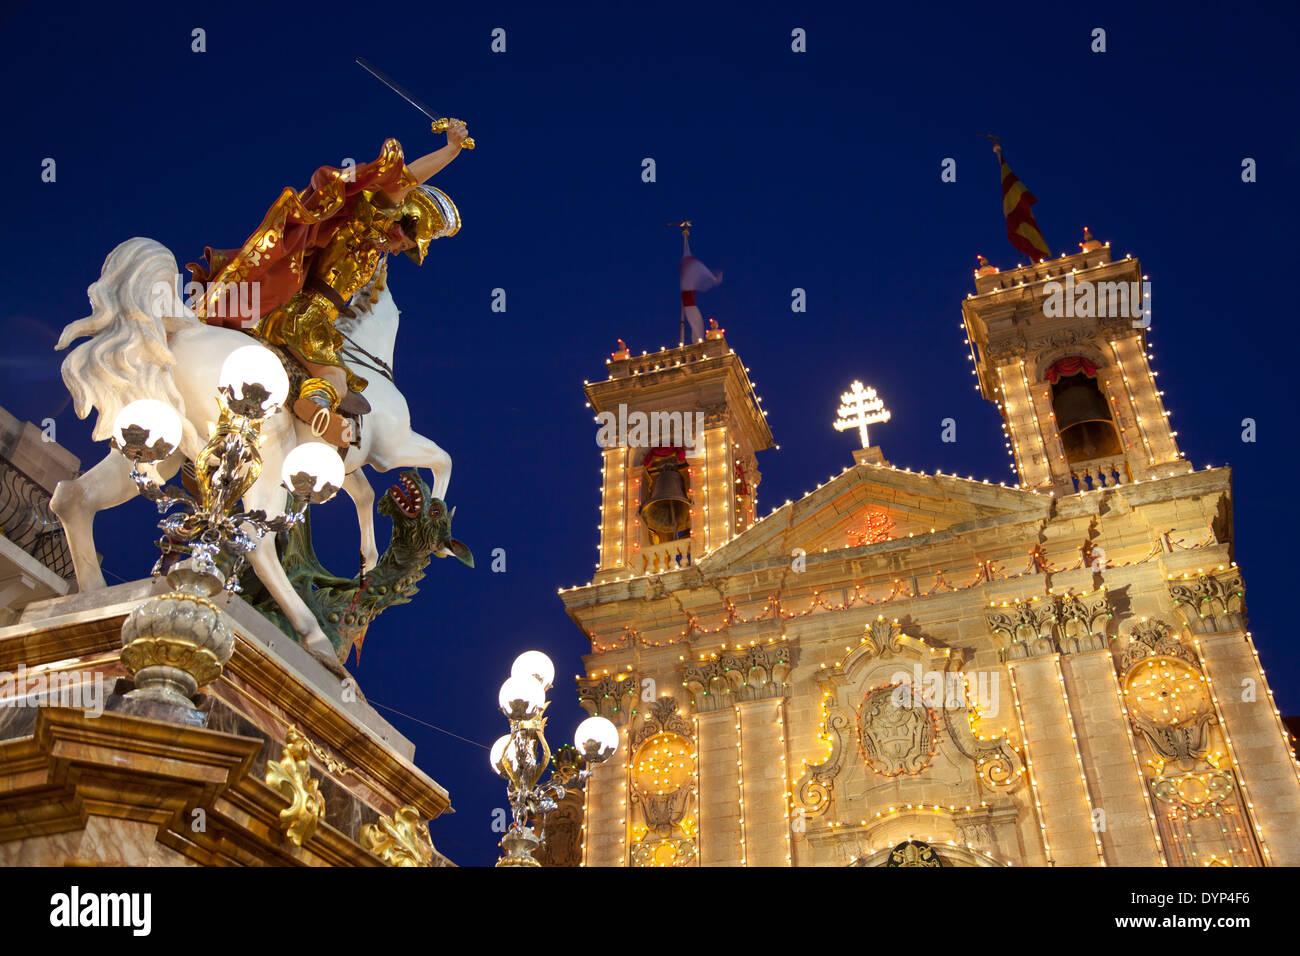 Statua di San Giorgio che uccide il drago montato su un piedistallo durante la città festa della Basilica di San Giorgio a Gozo a Malta. Immagini Stock